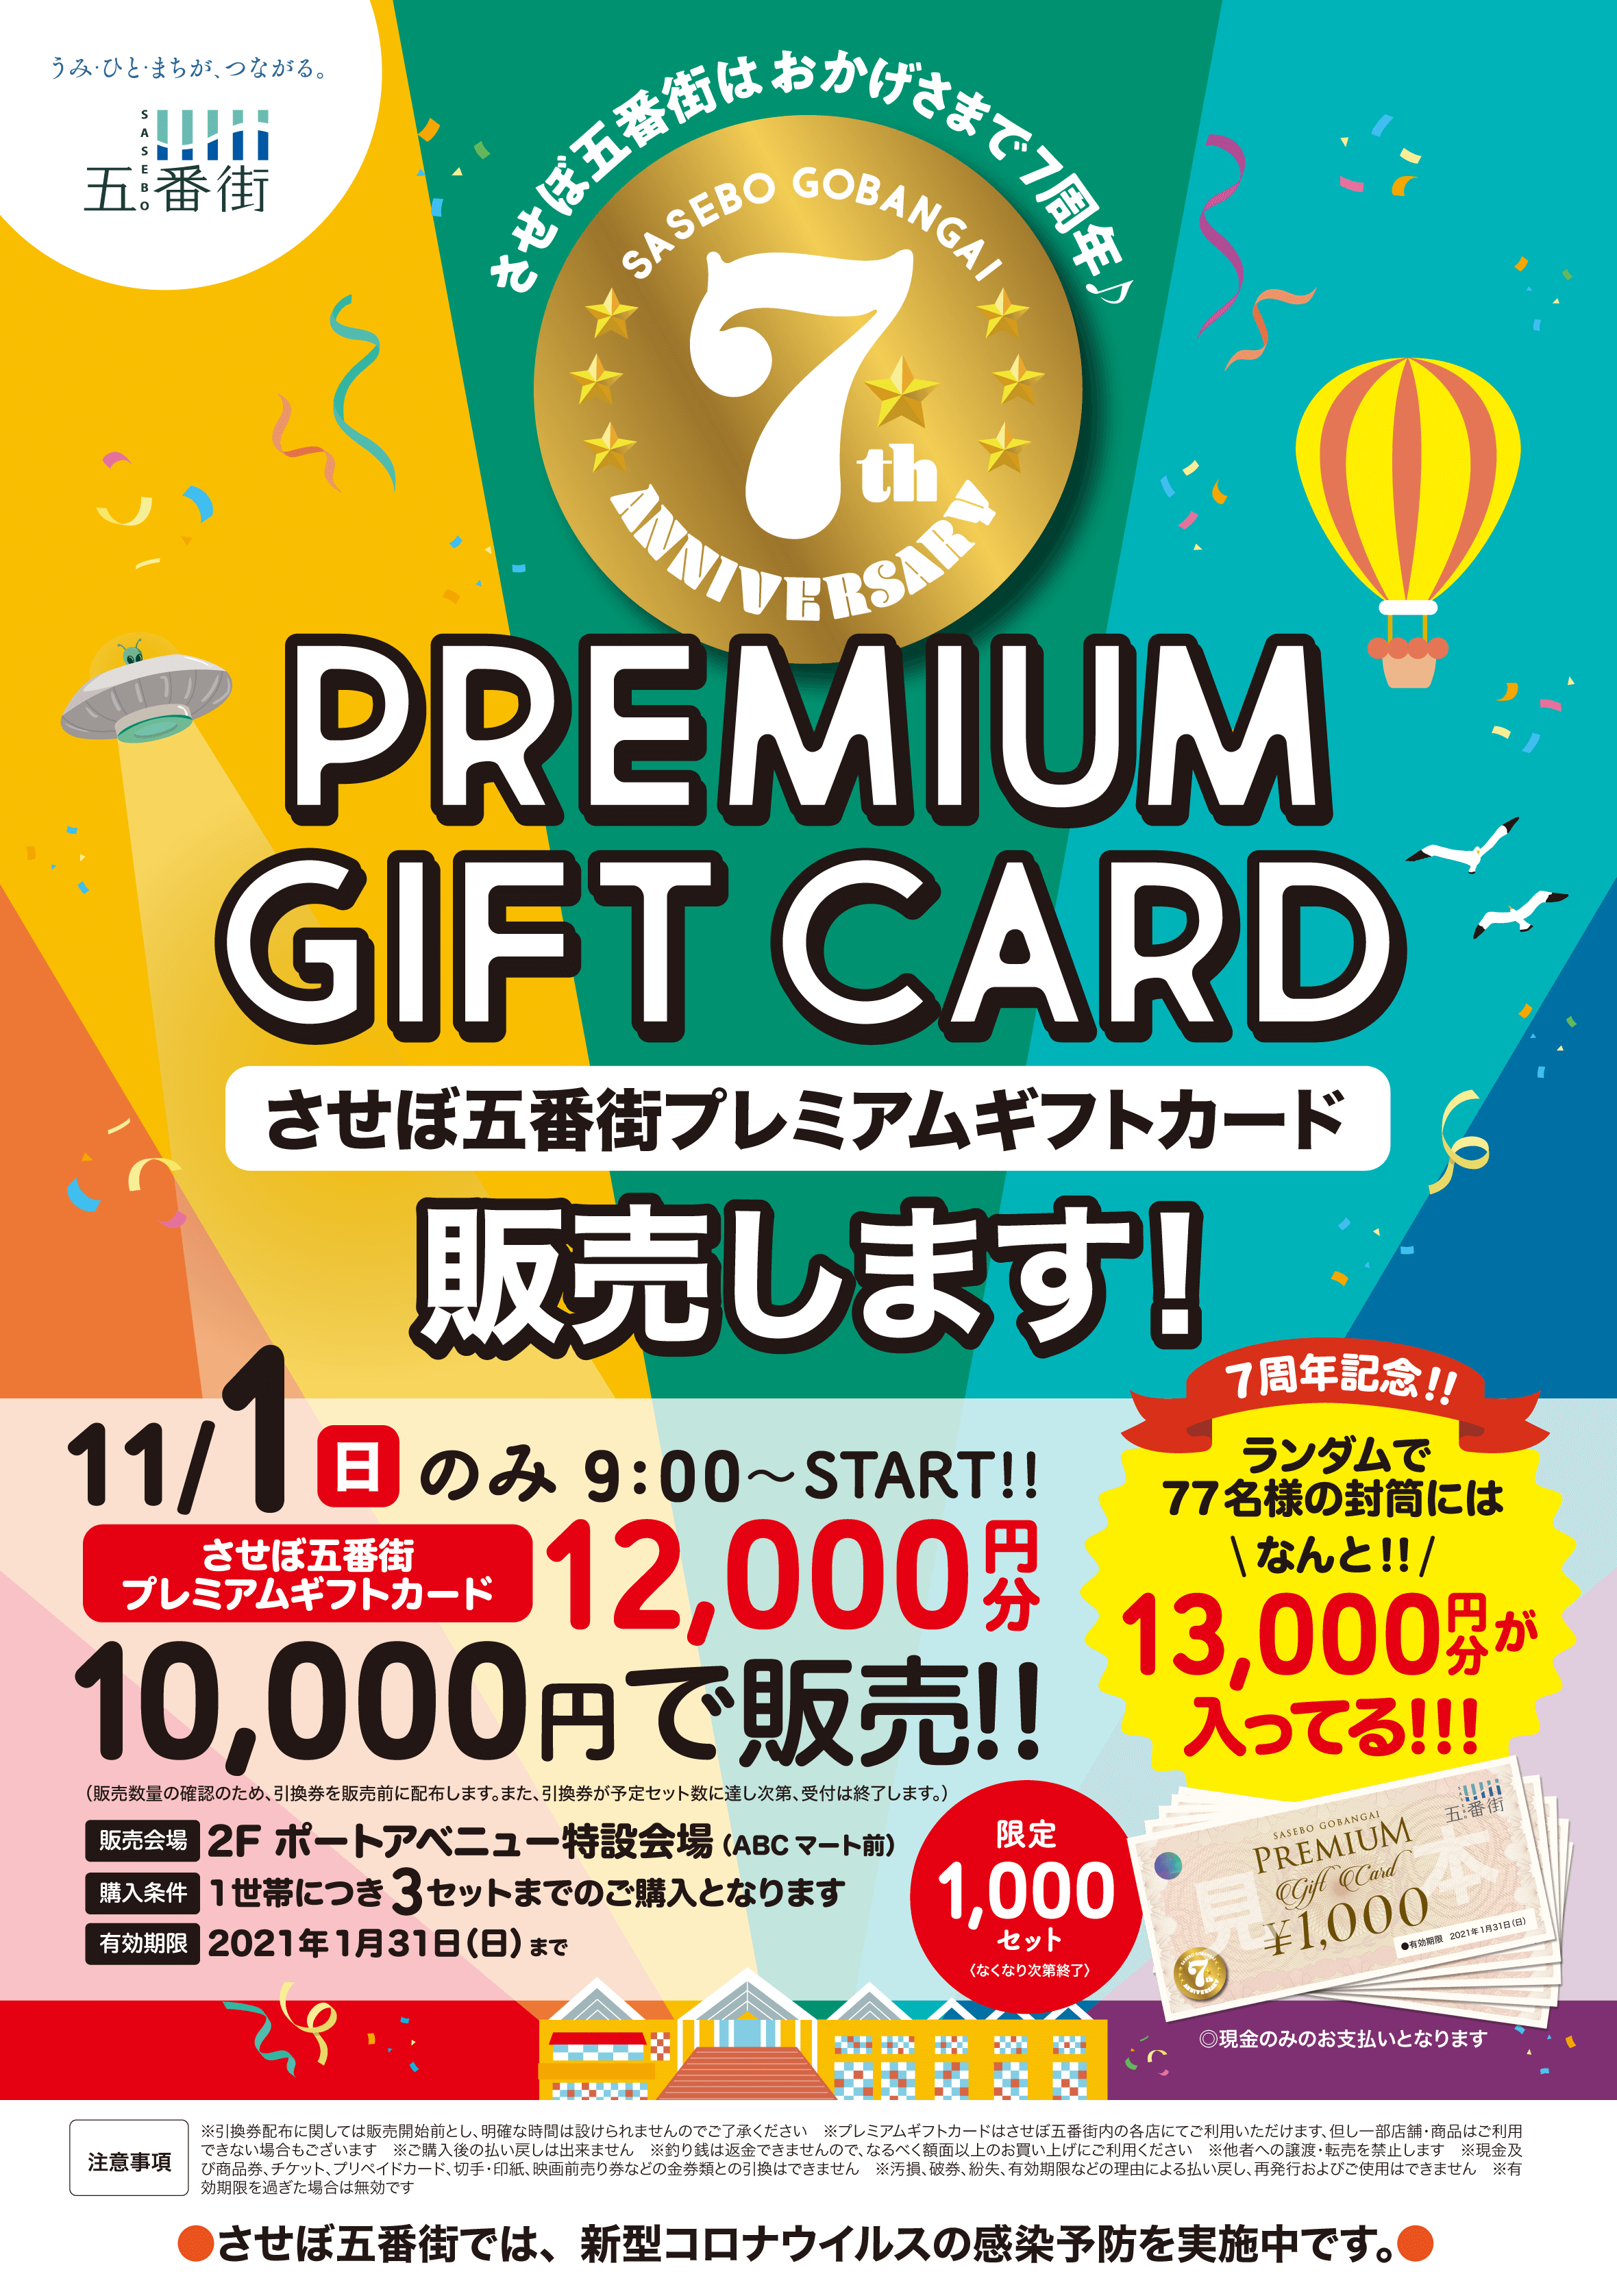 させぼ五番街プレミアムギフトカード 12,000円分を10,000円で販売!!